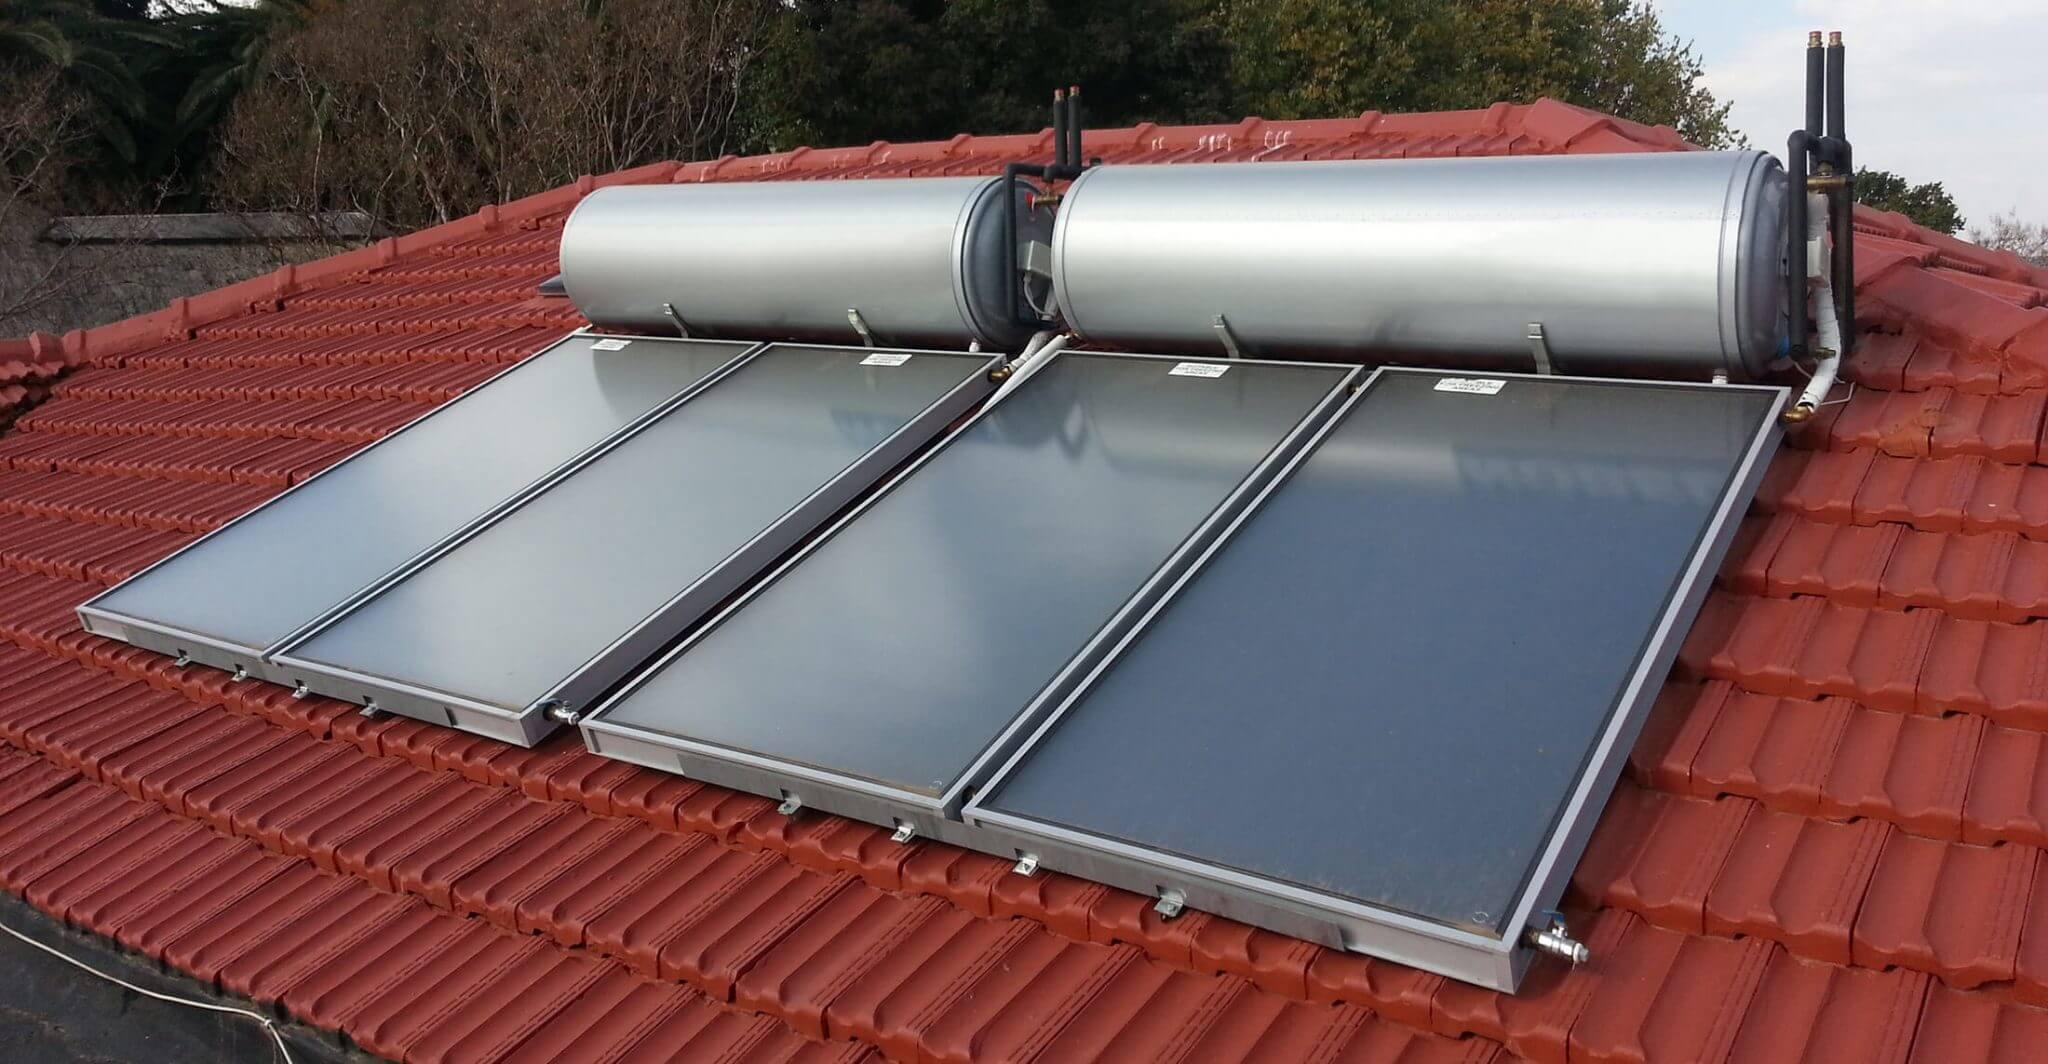 تصویری از آبگرمکن های خورشیدی که به وسیله صفحات تخت کلکتور پوشانده شده است. نمای سقف رنگ قرمز دارد